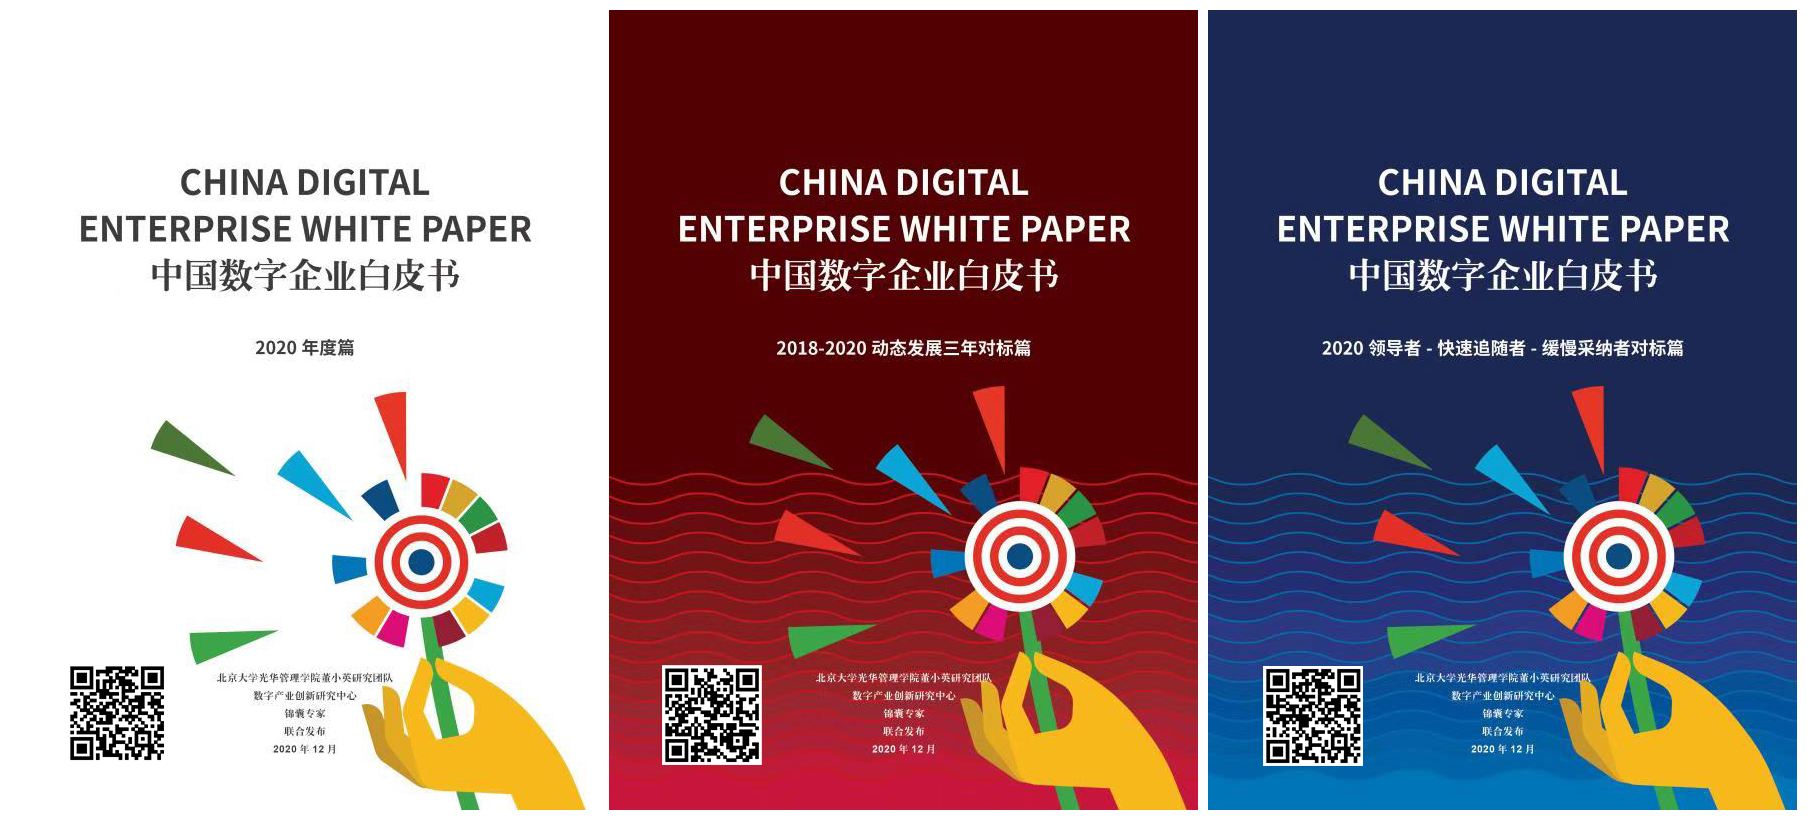 数字产业创新研究中心发布:中国数字企业白皮书2020年度篇